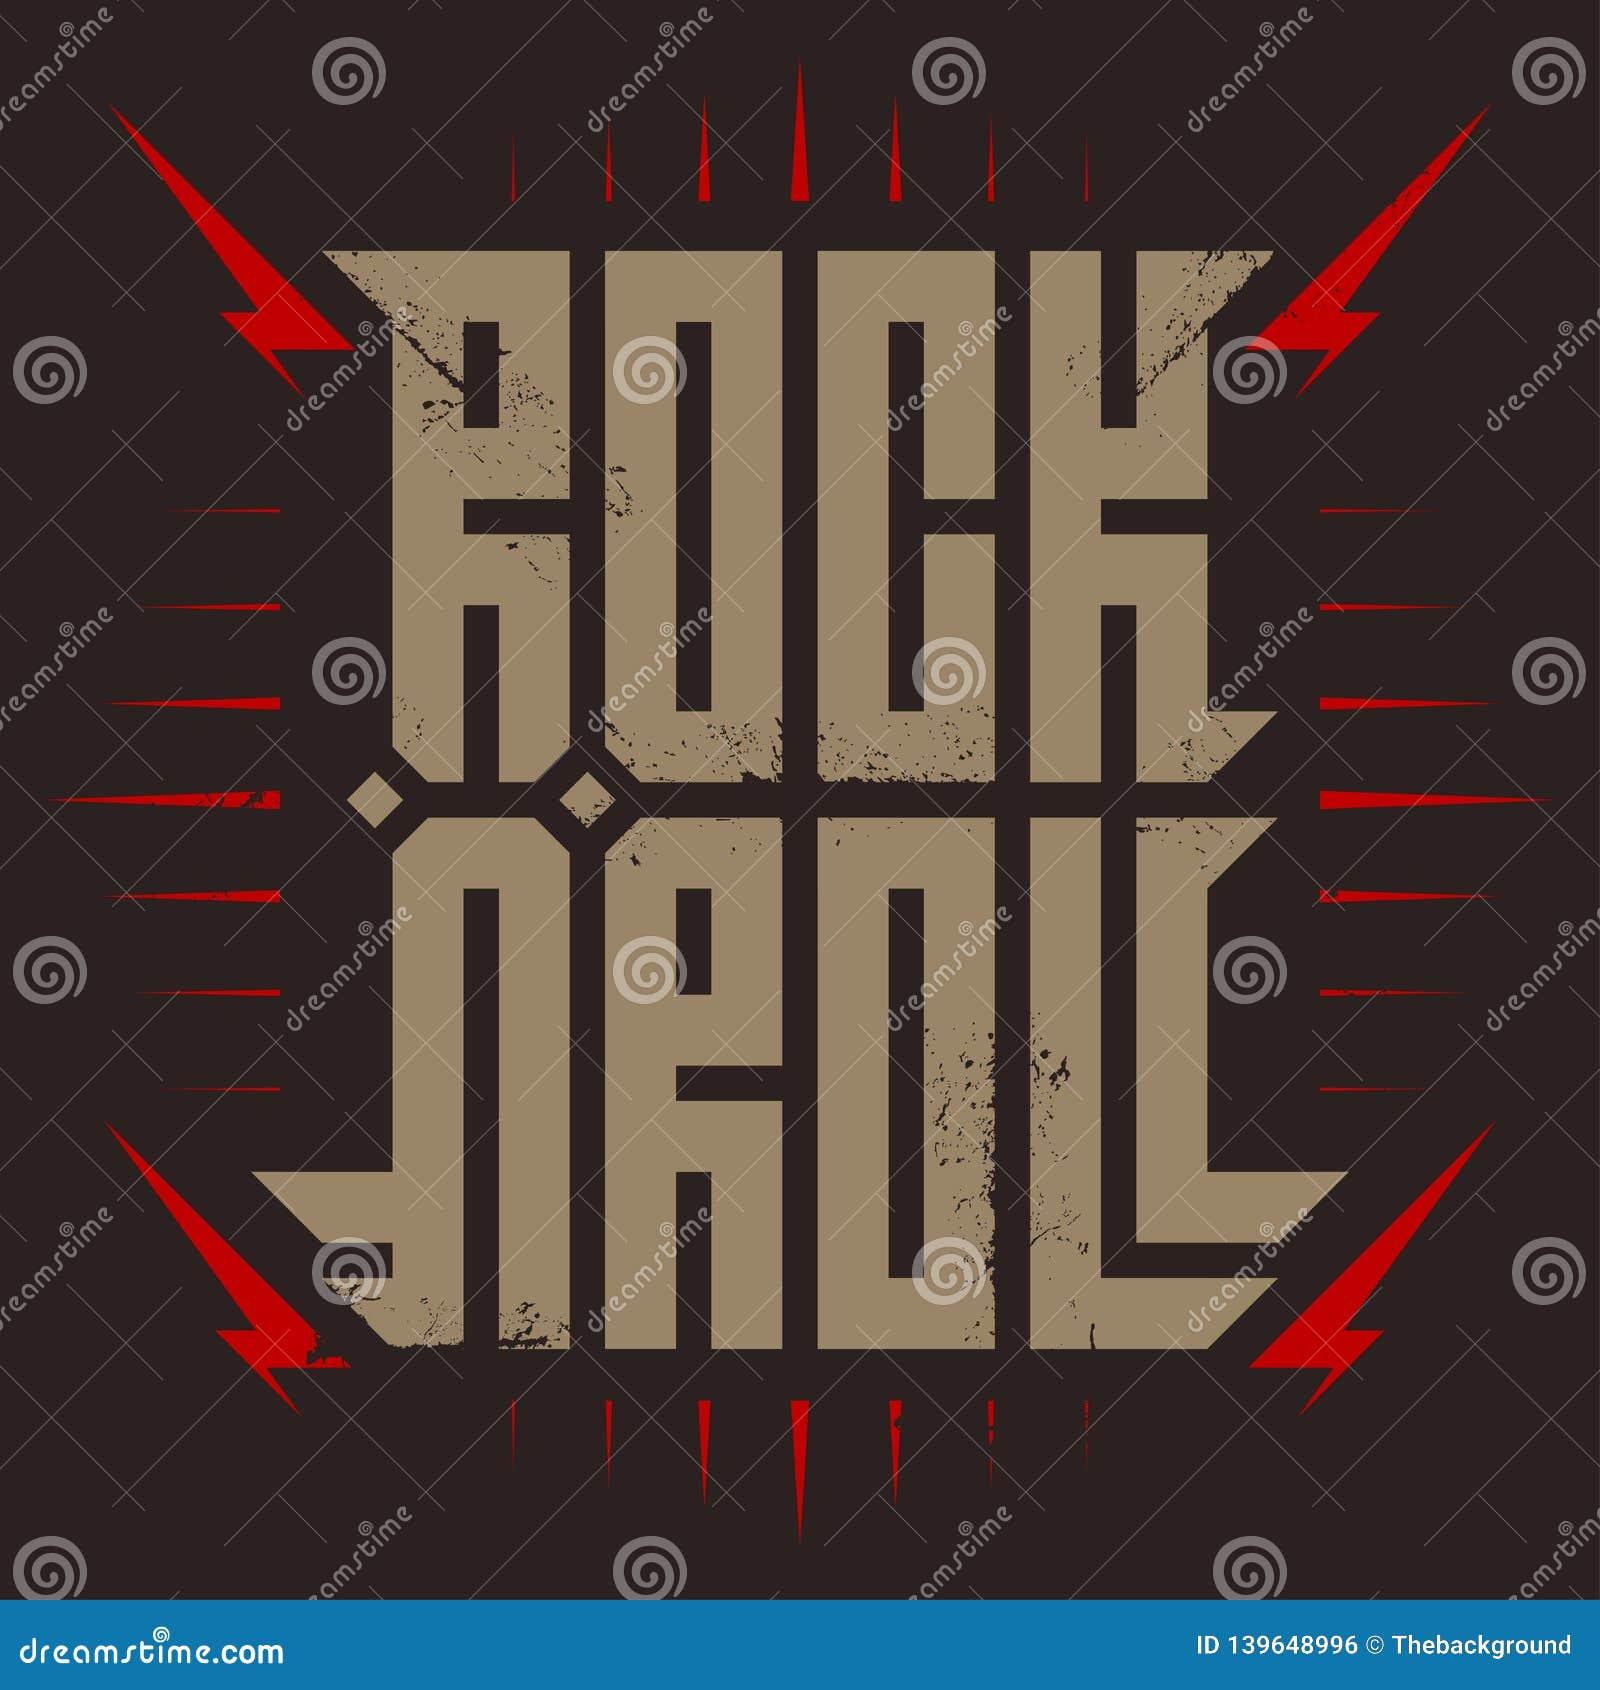 岩石` n `卷-与风格化题字、红色闪电和星的音乐海报 摇滚乐- T恤杉设计 T恤杉服装